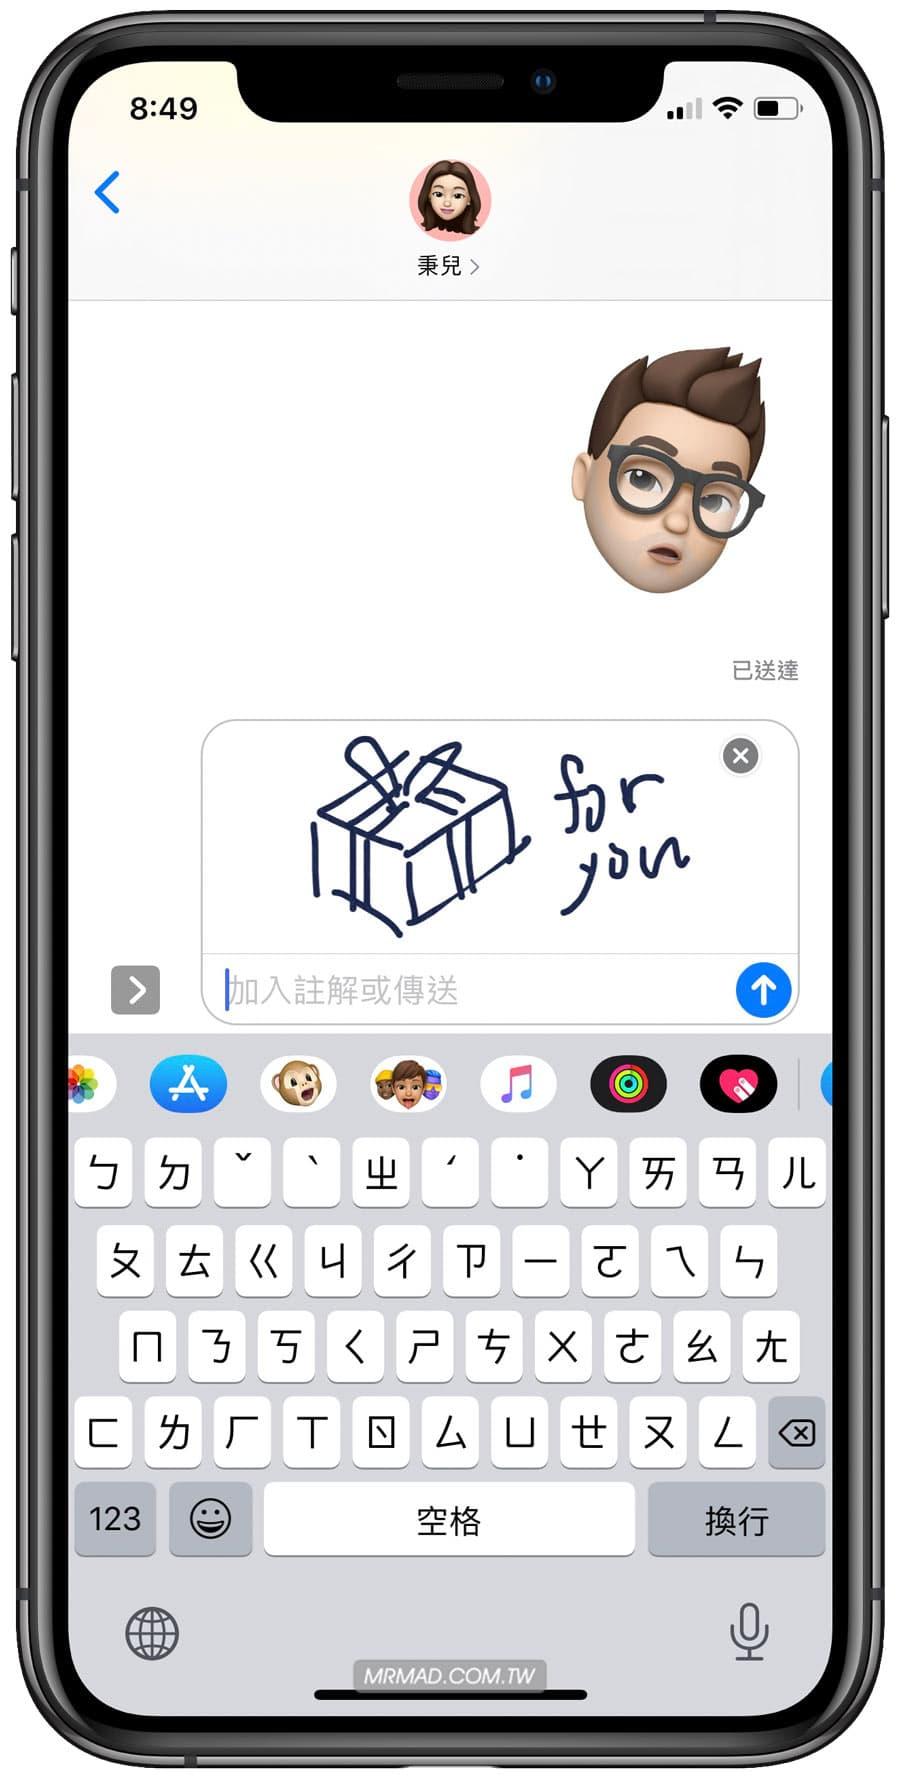 利用手繪方式呈現 Emoji 圖案2